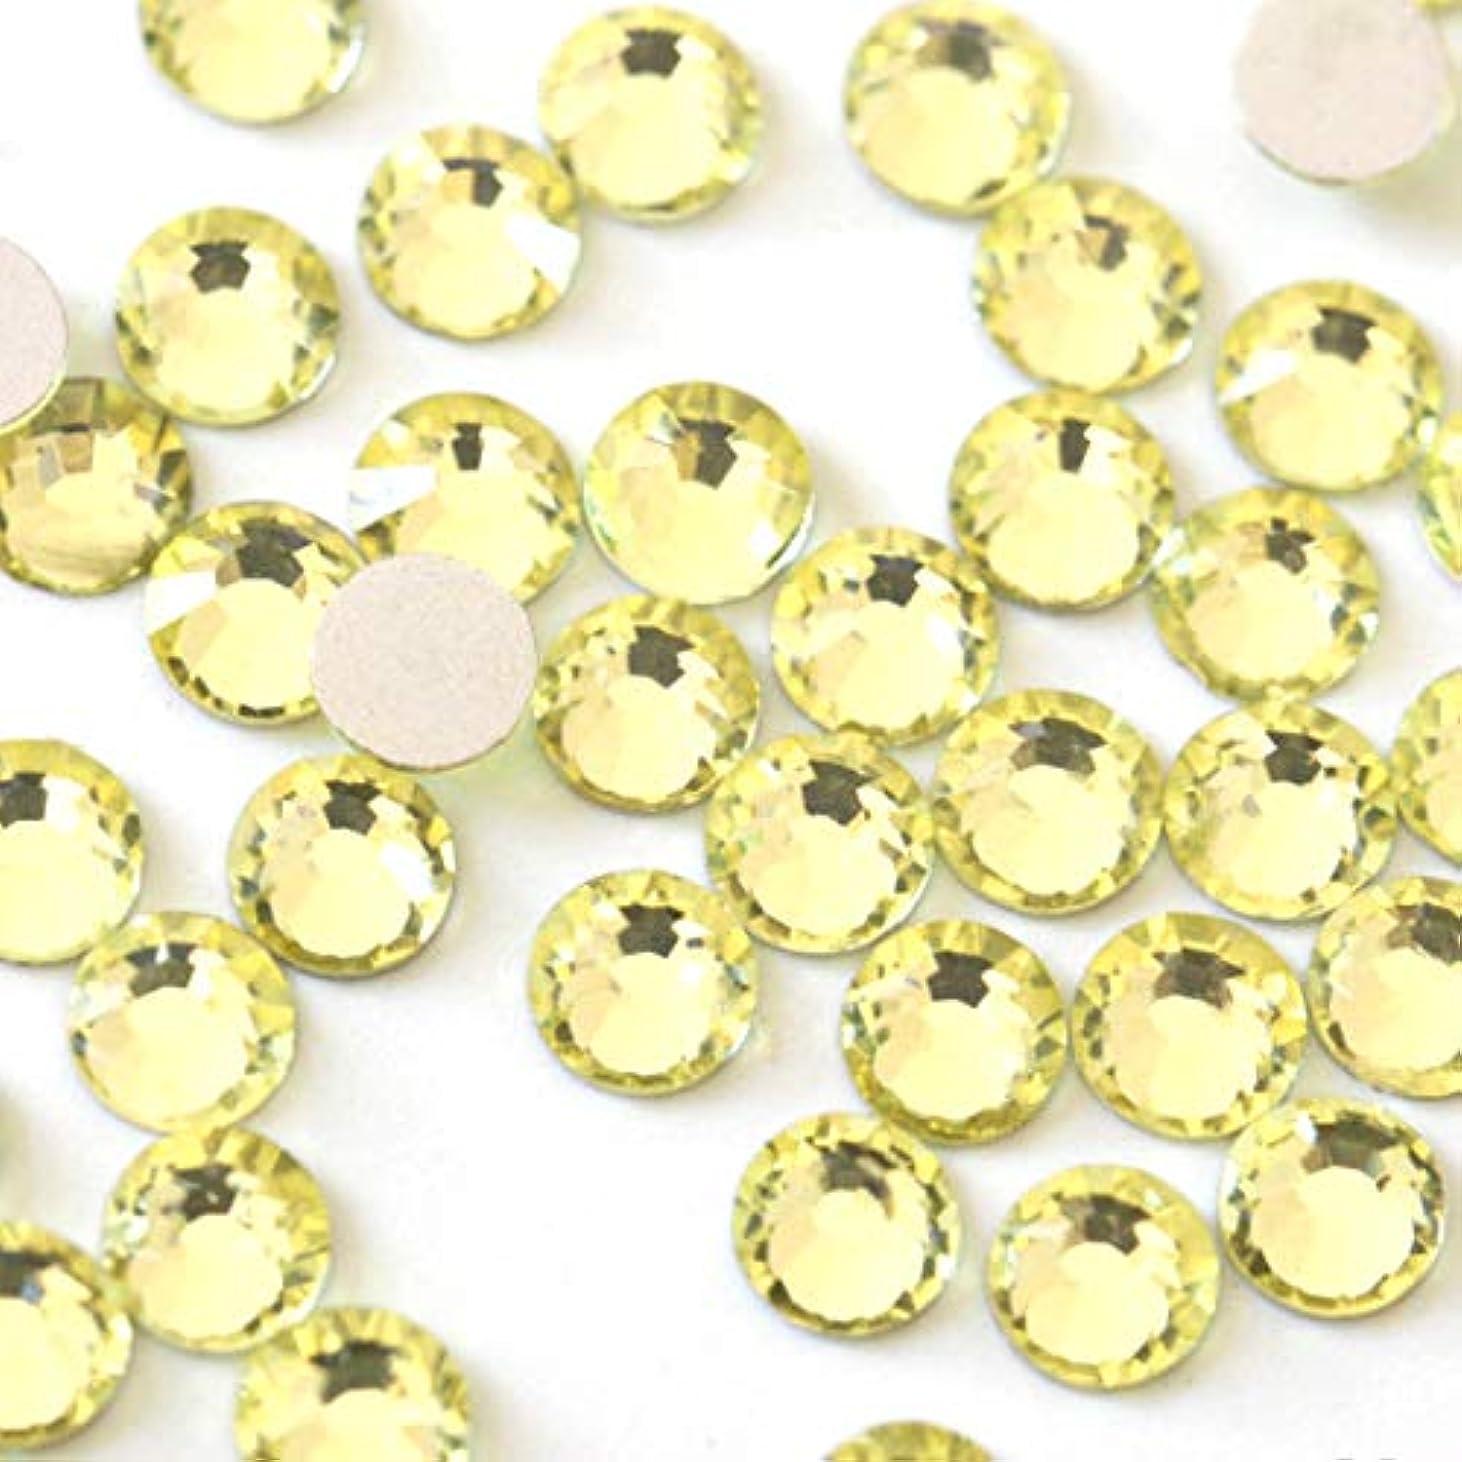 状態敵対的最終【ラインストーン77】高品質ガラス製ラインストーン ジョンキル(2.6mm (SS10) 約200粒)